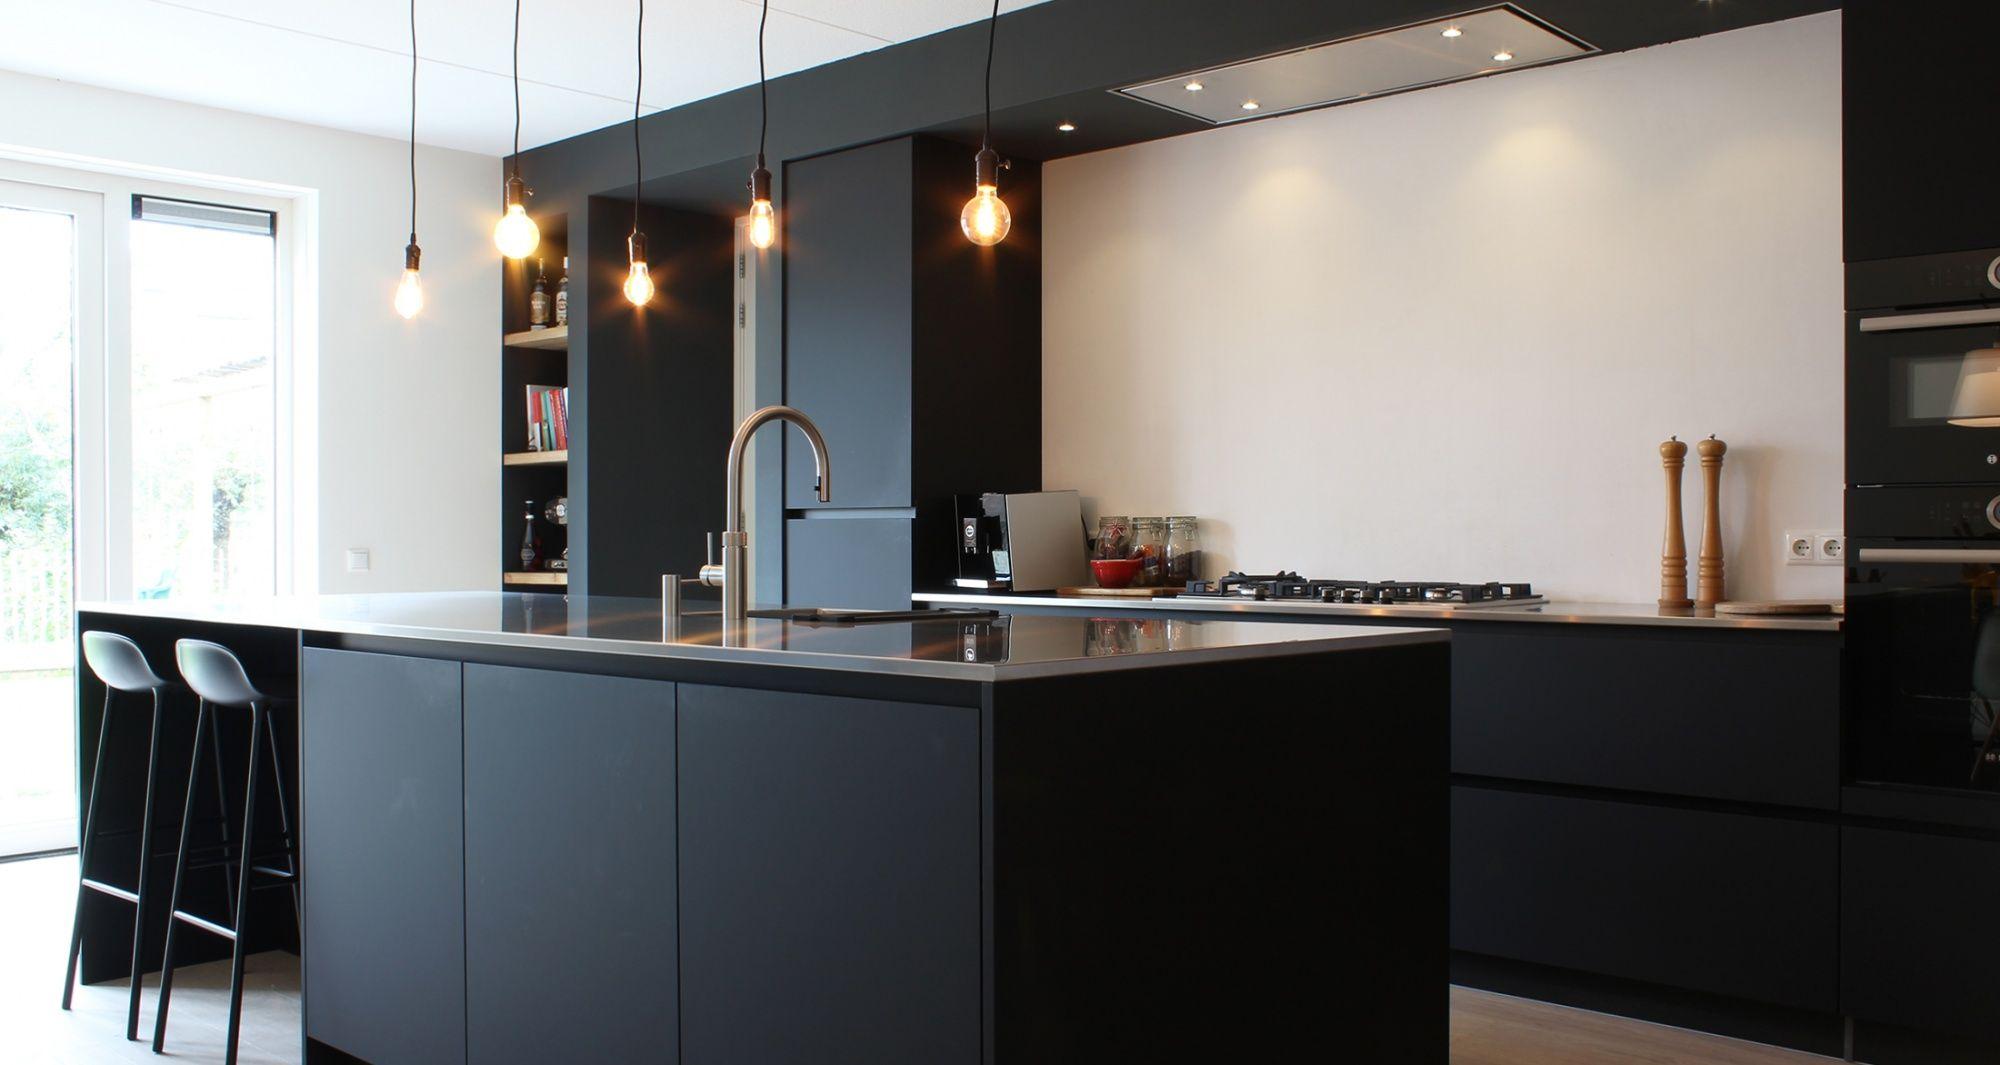 Mat zwarte keuken met rvs blad keukenstijl 1 pinterest rvs